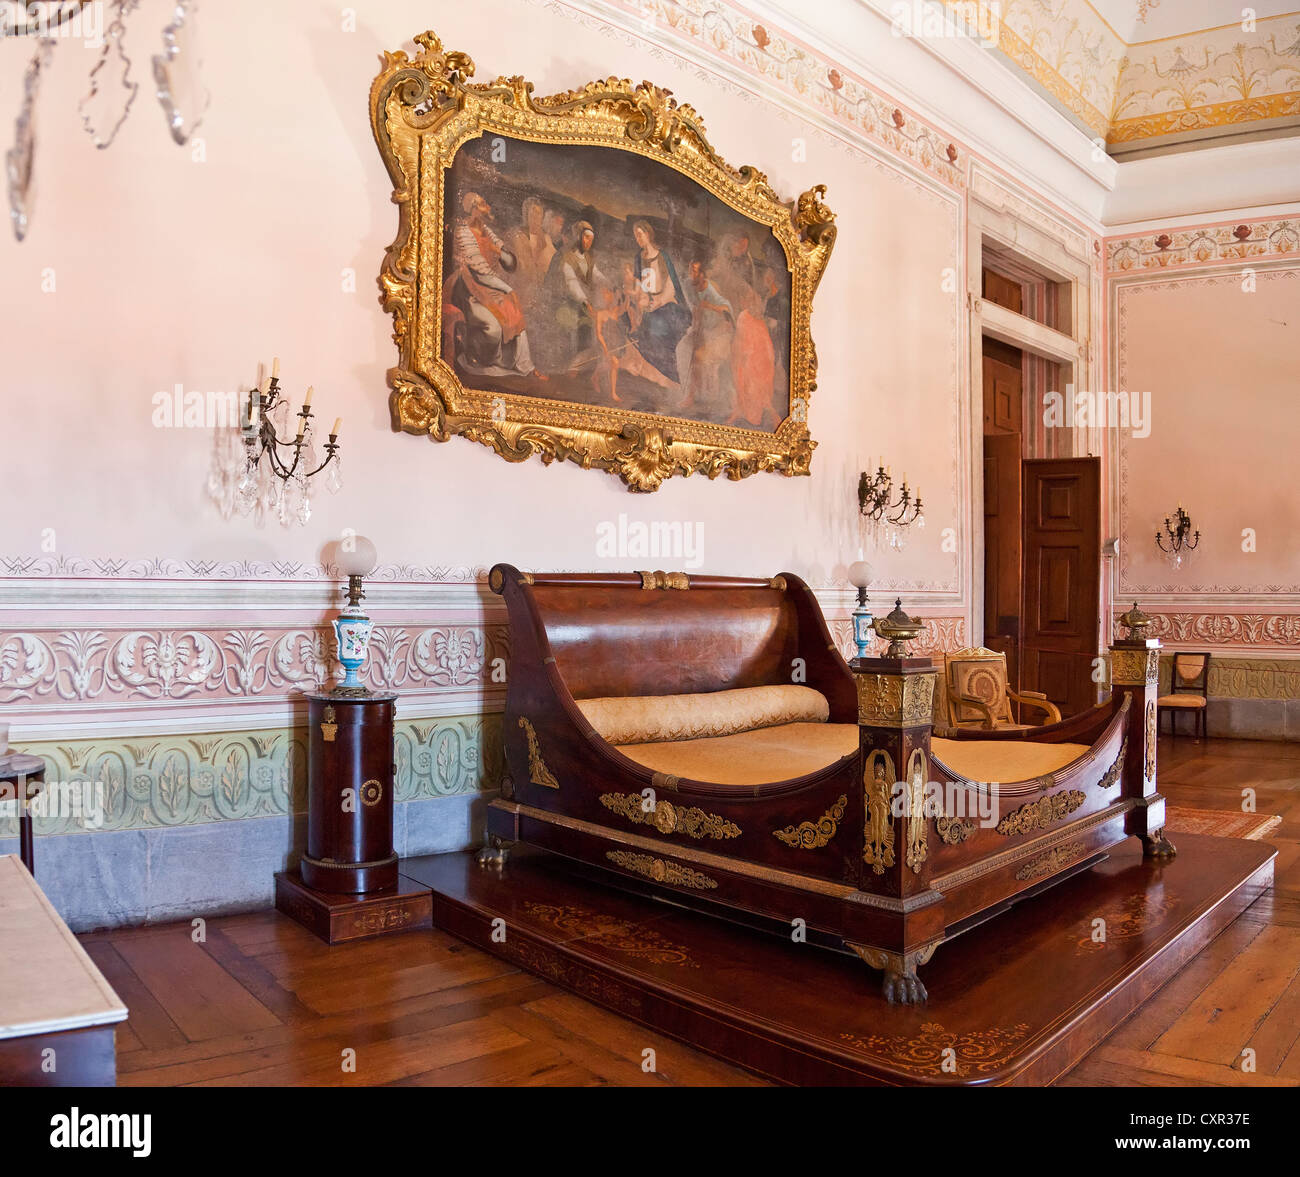 Re della camera da letto. Letto in stile neoclassico e mobili. Mafra National Palace, Portogallo. Architettura Barocca. Immagini Stock